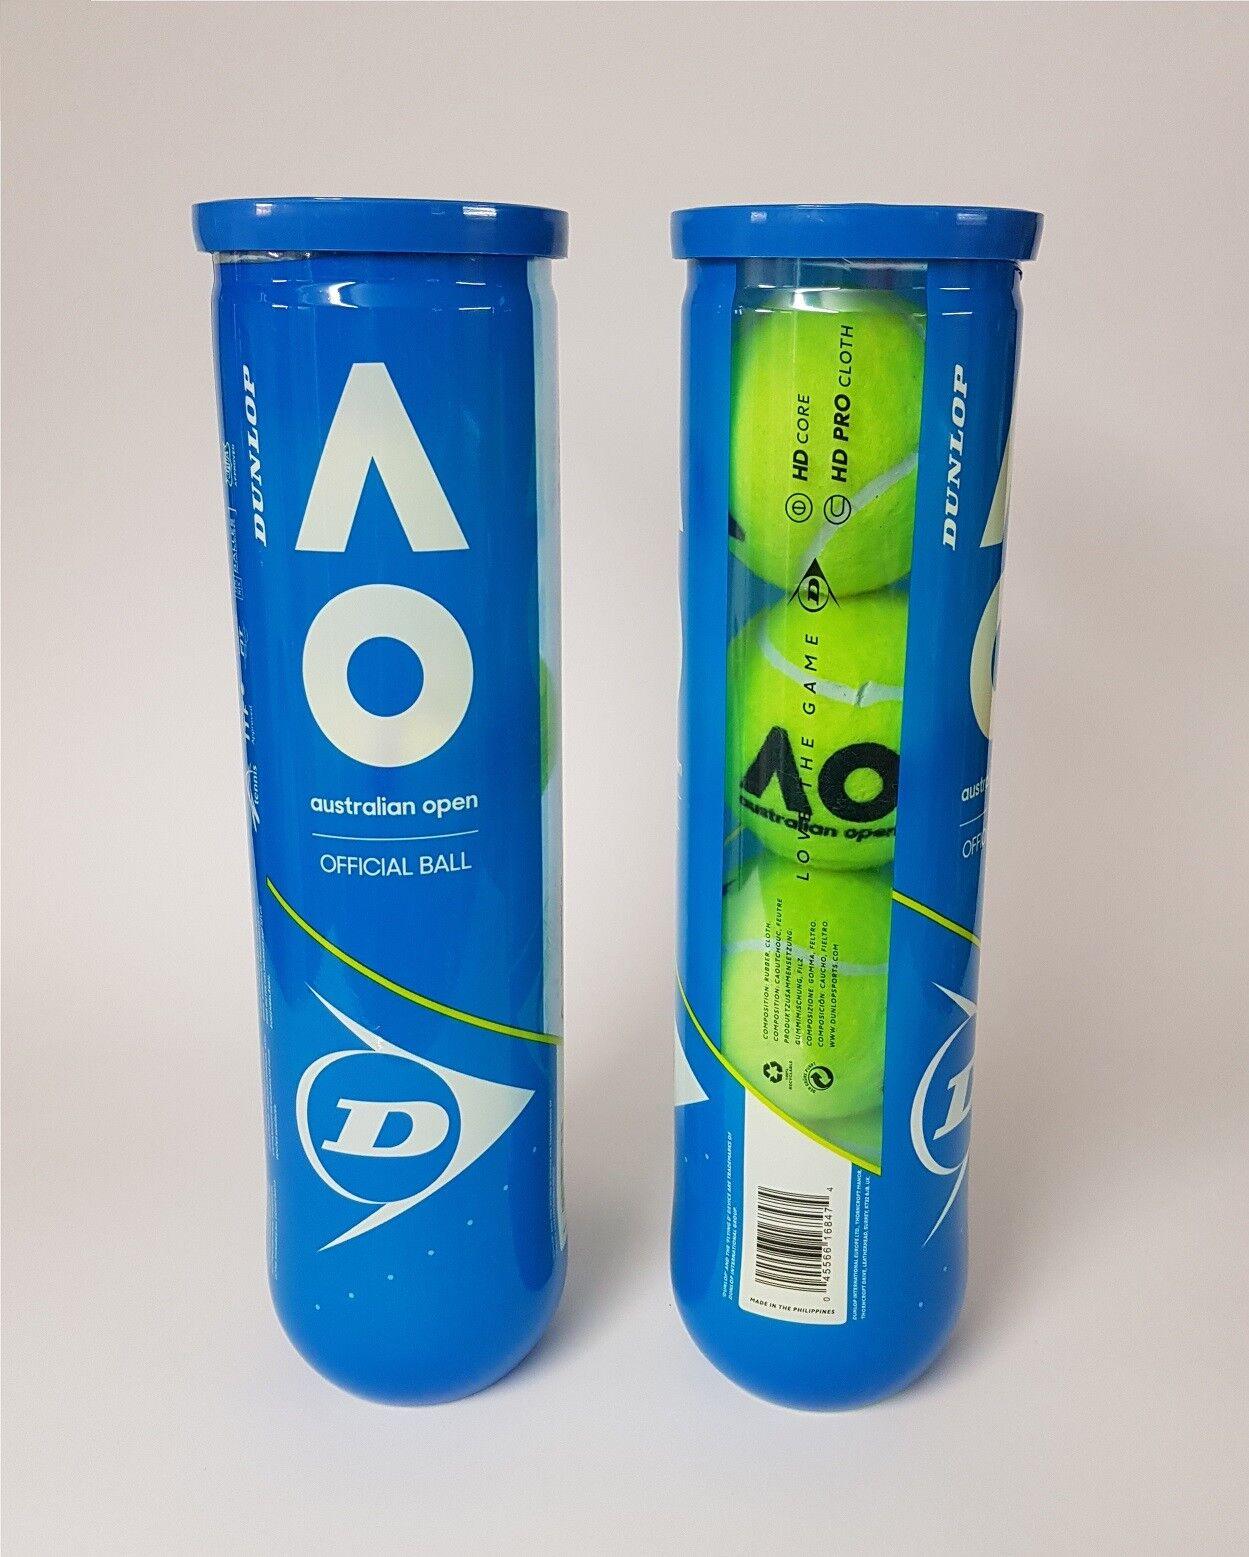 Dunlop Australian Open Official Ball Tennisbälle - NEU NEU NEU - 8x 4er Dose (32 Bälle)  | Charmantes Design  | Großhandel  | Gewinnen Sie hoch geschätzt  726554